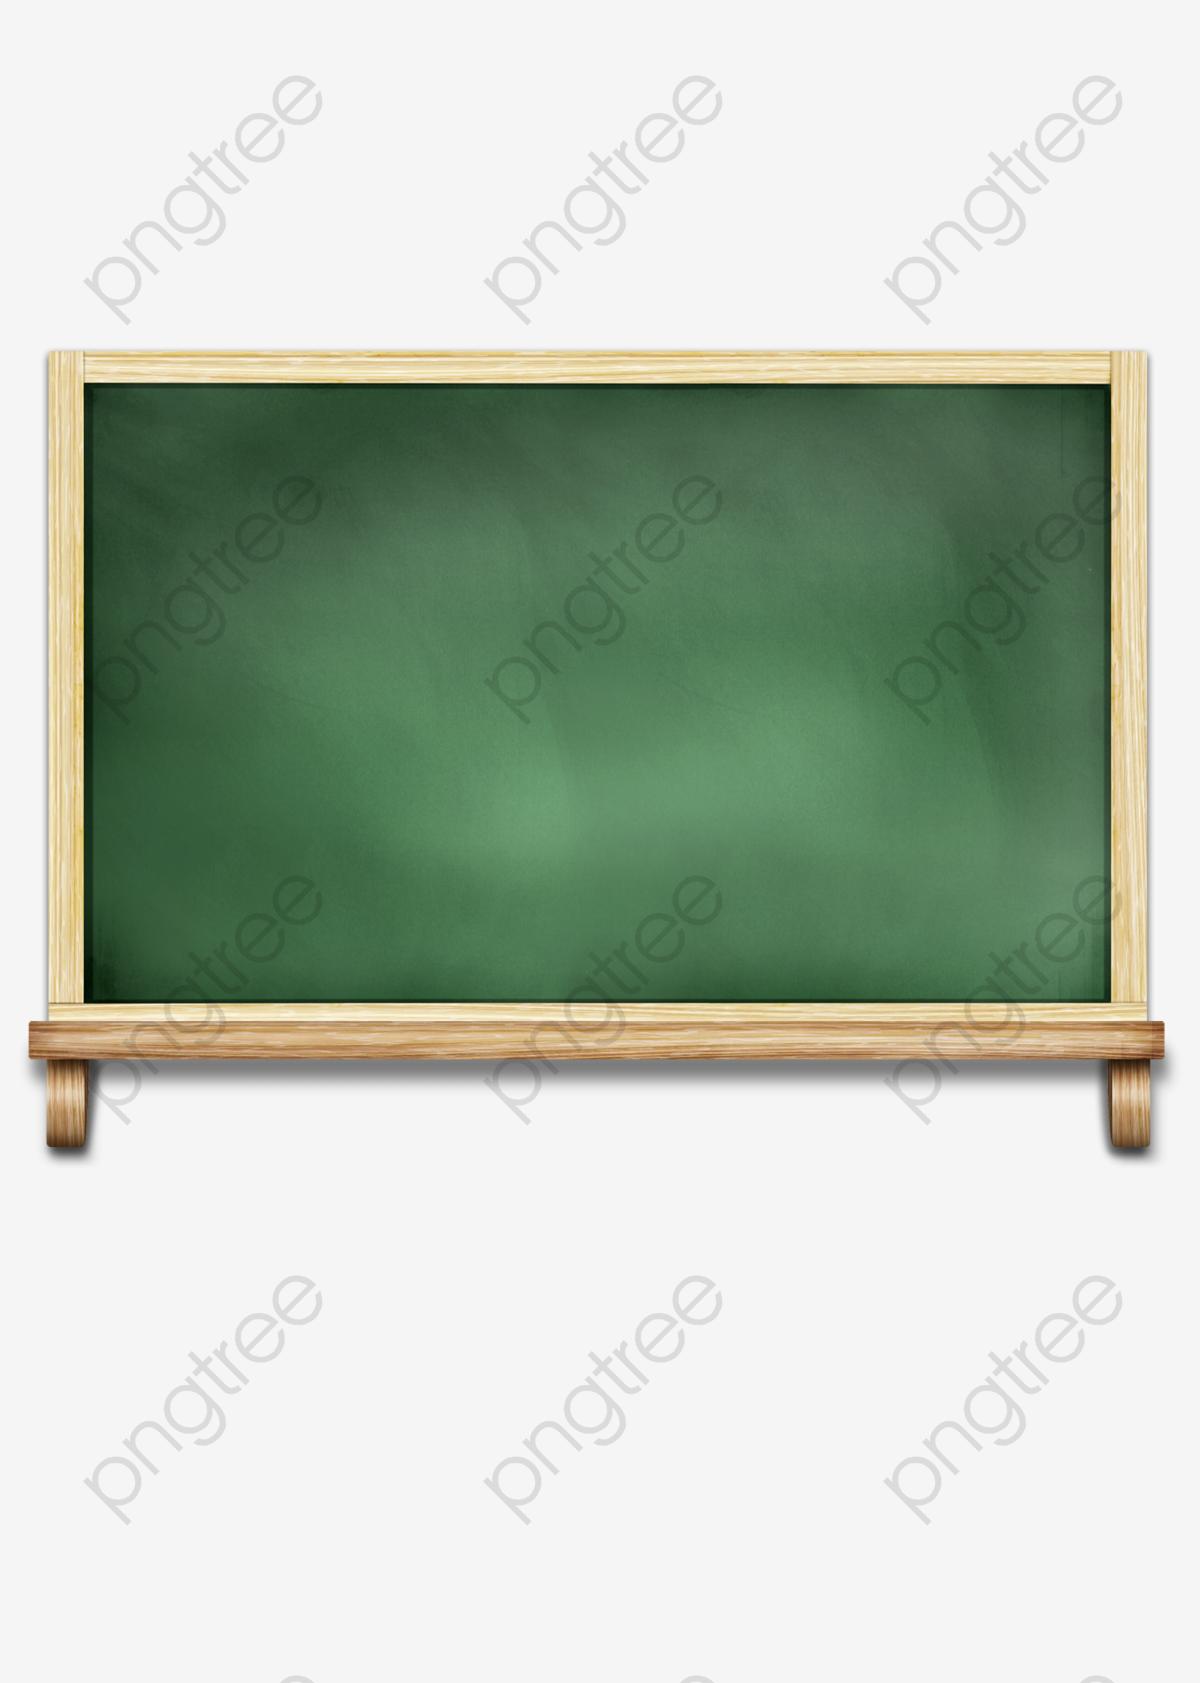 Escola De Lousa, A Escola, O Quadro, Whiteboard Arquivo PNG.